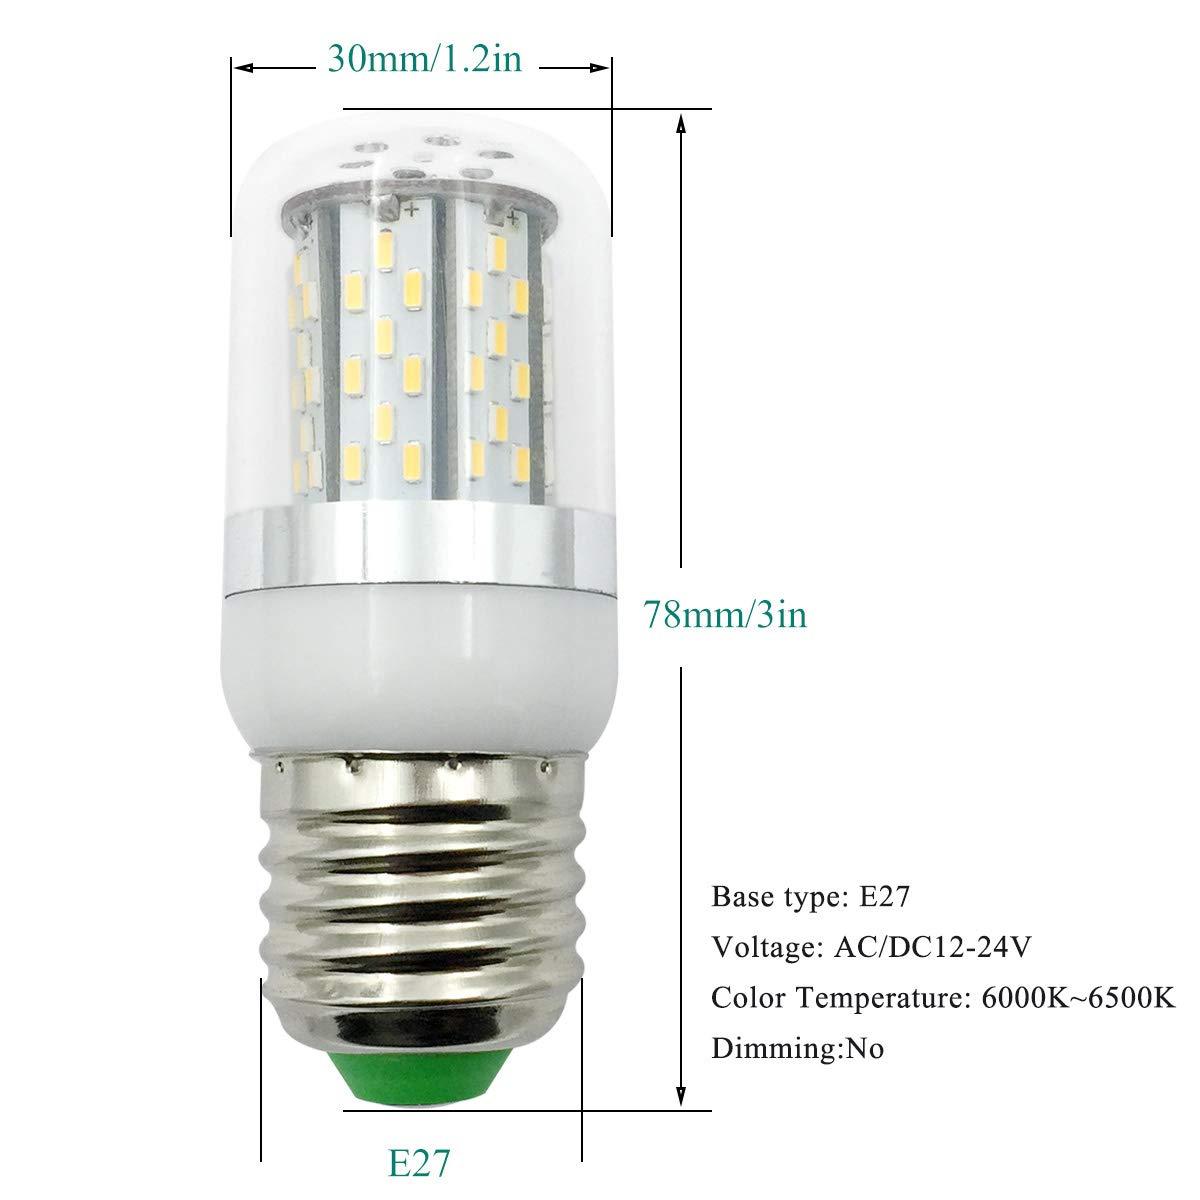 E26 E27 LED Bulb 12V - 24V Low Voltage 5W Candelabra Bulbs (35W Halogen  Bulb) -White 6000K Great for Off Grid Solar Lighting Marine Boat RV  Interior